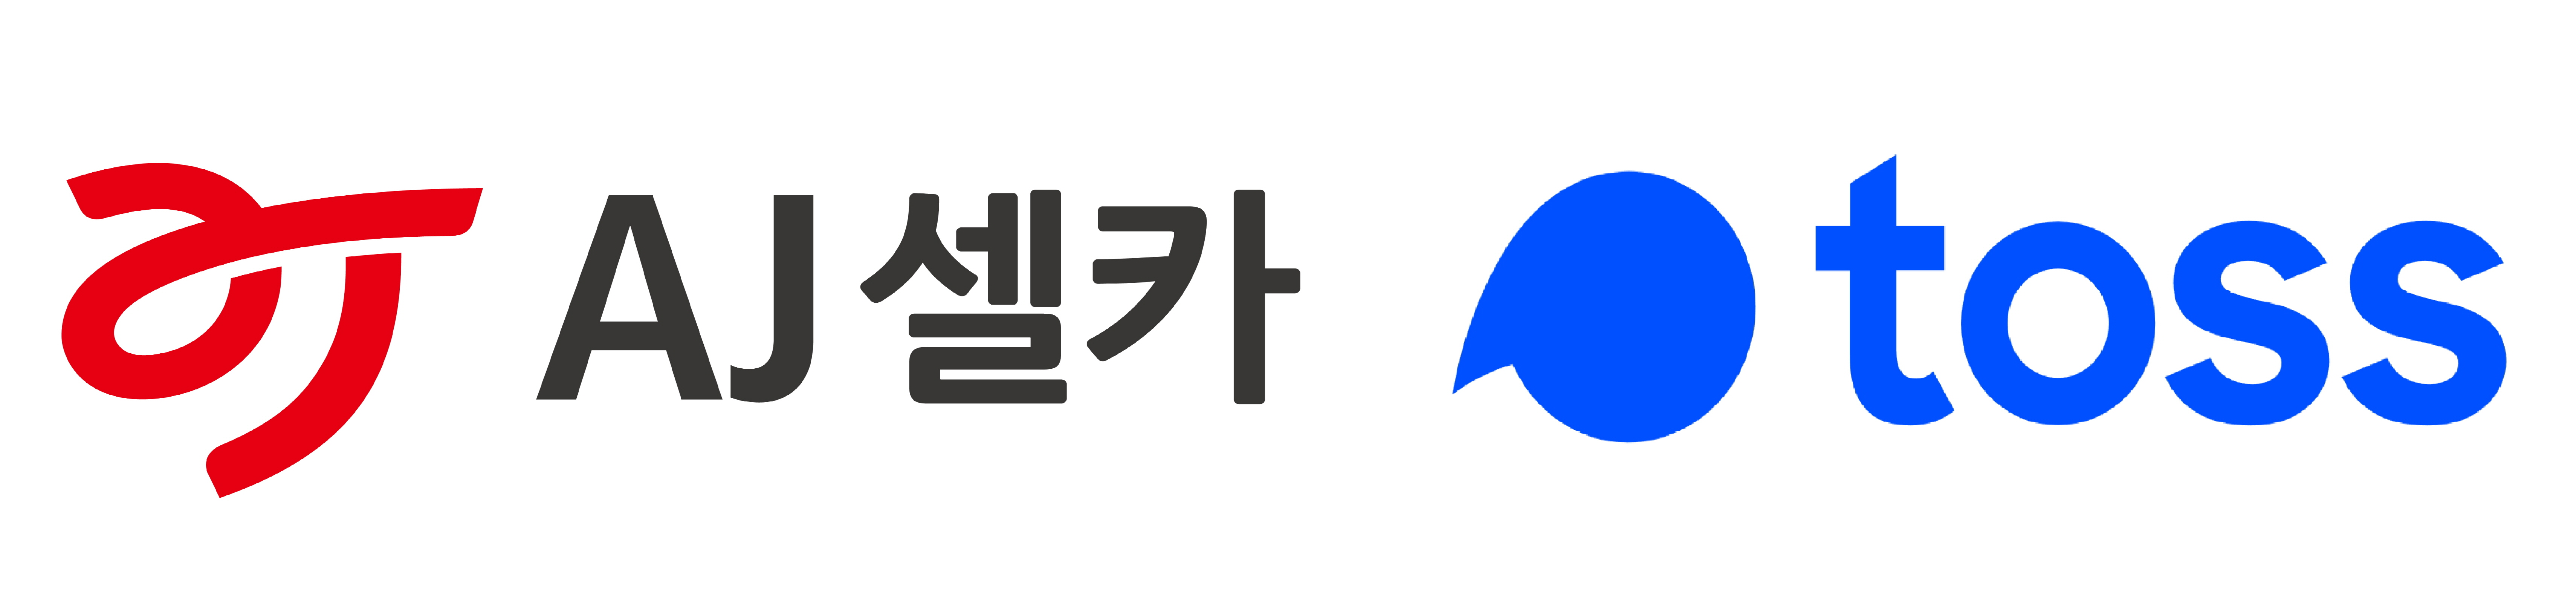 [보도자료] AJ셀카 X 토스, 내차팔기 서비스 제휴